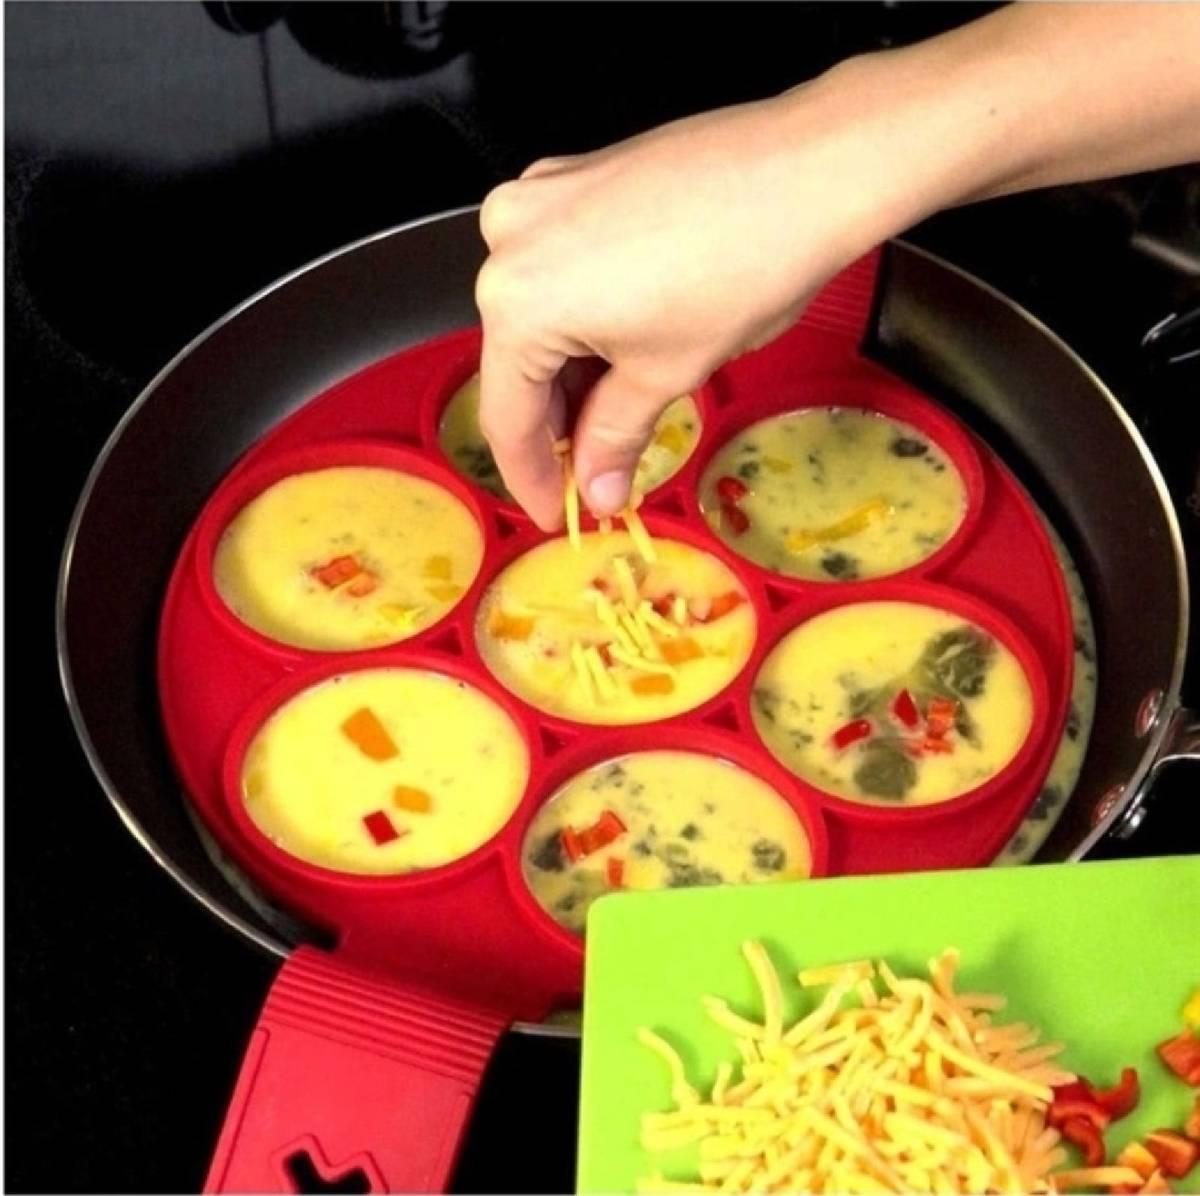 Forma Molde p/ Massas e Ovos - em Silicone 7 Cavidades